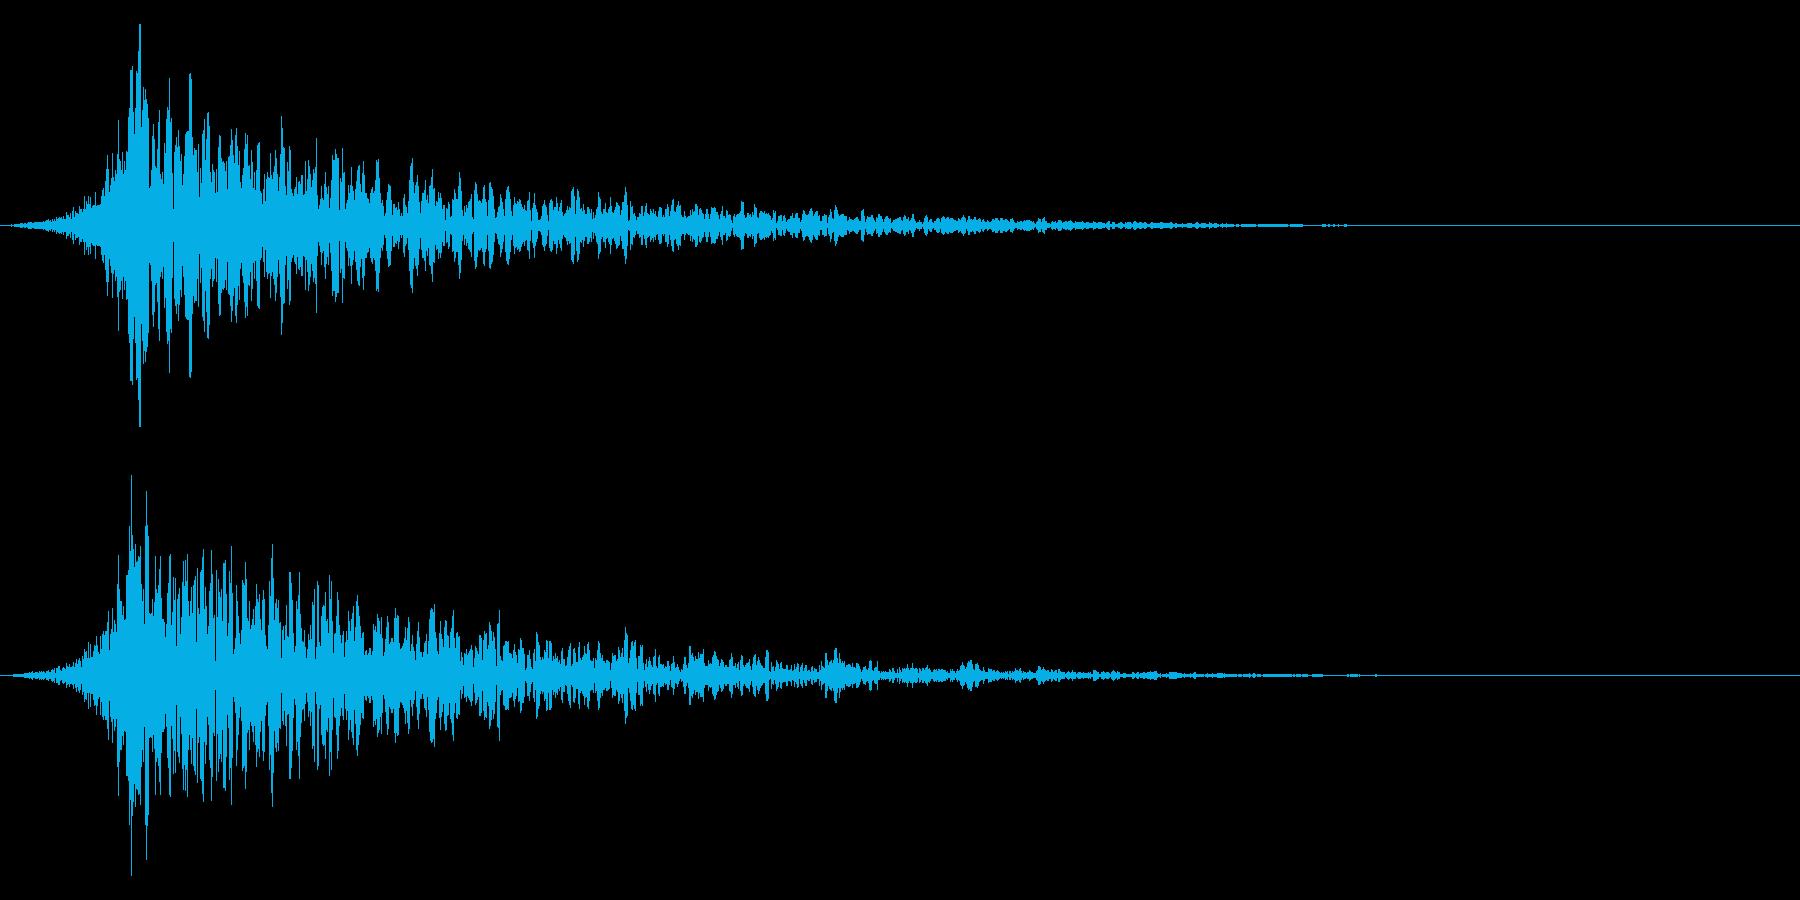 シュードーン-26-1(インパクト音)の再生済みの波形